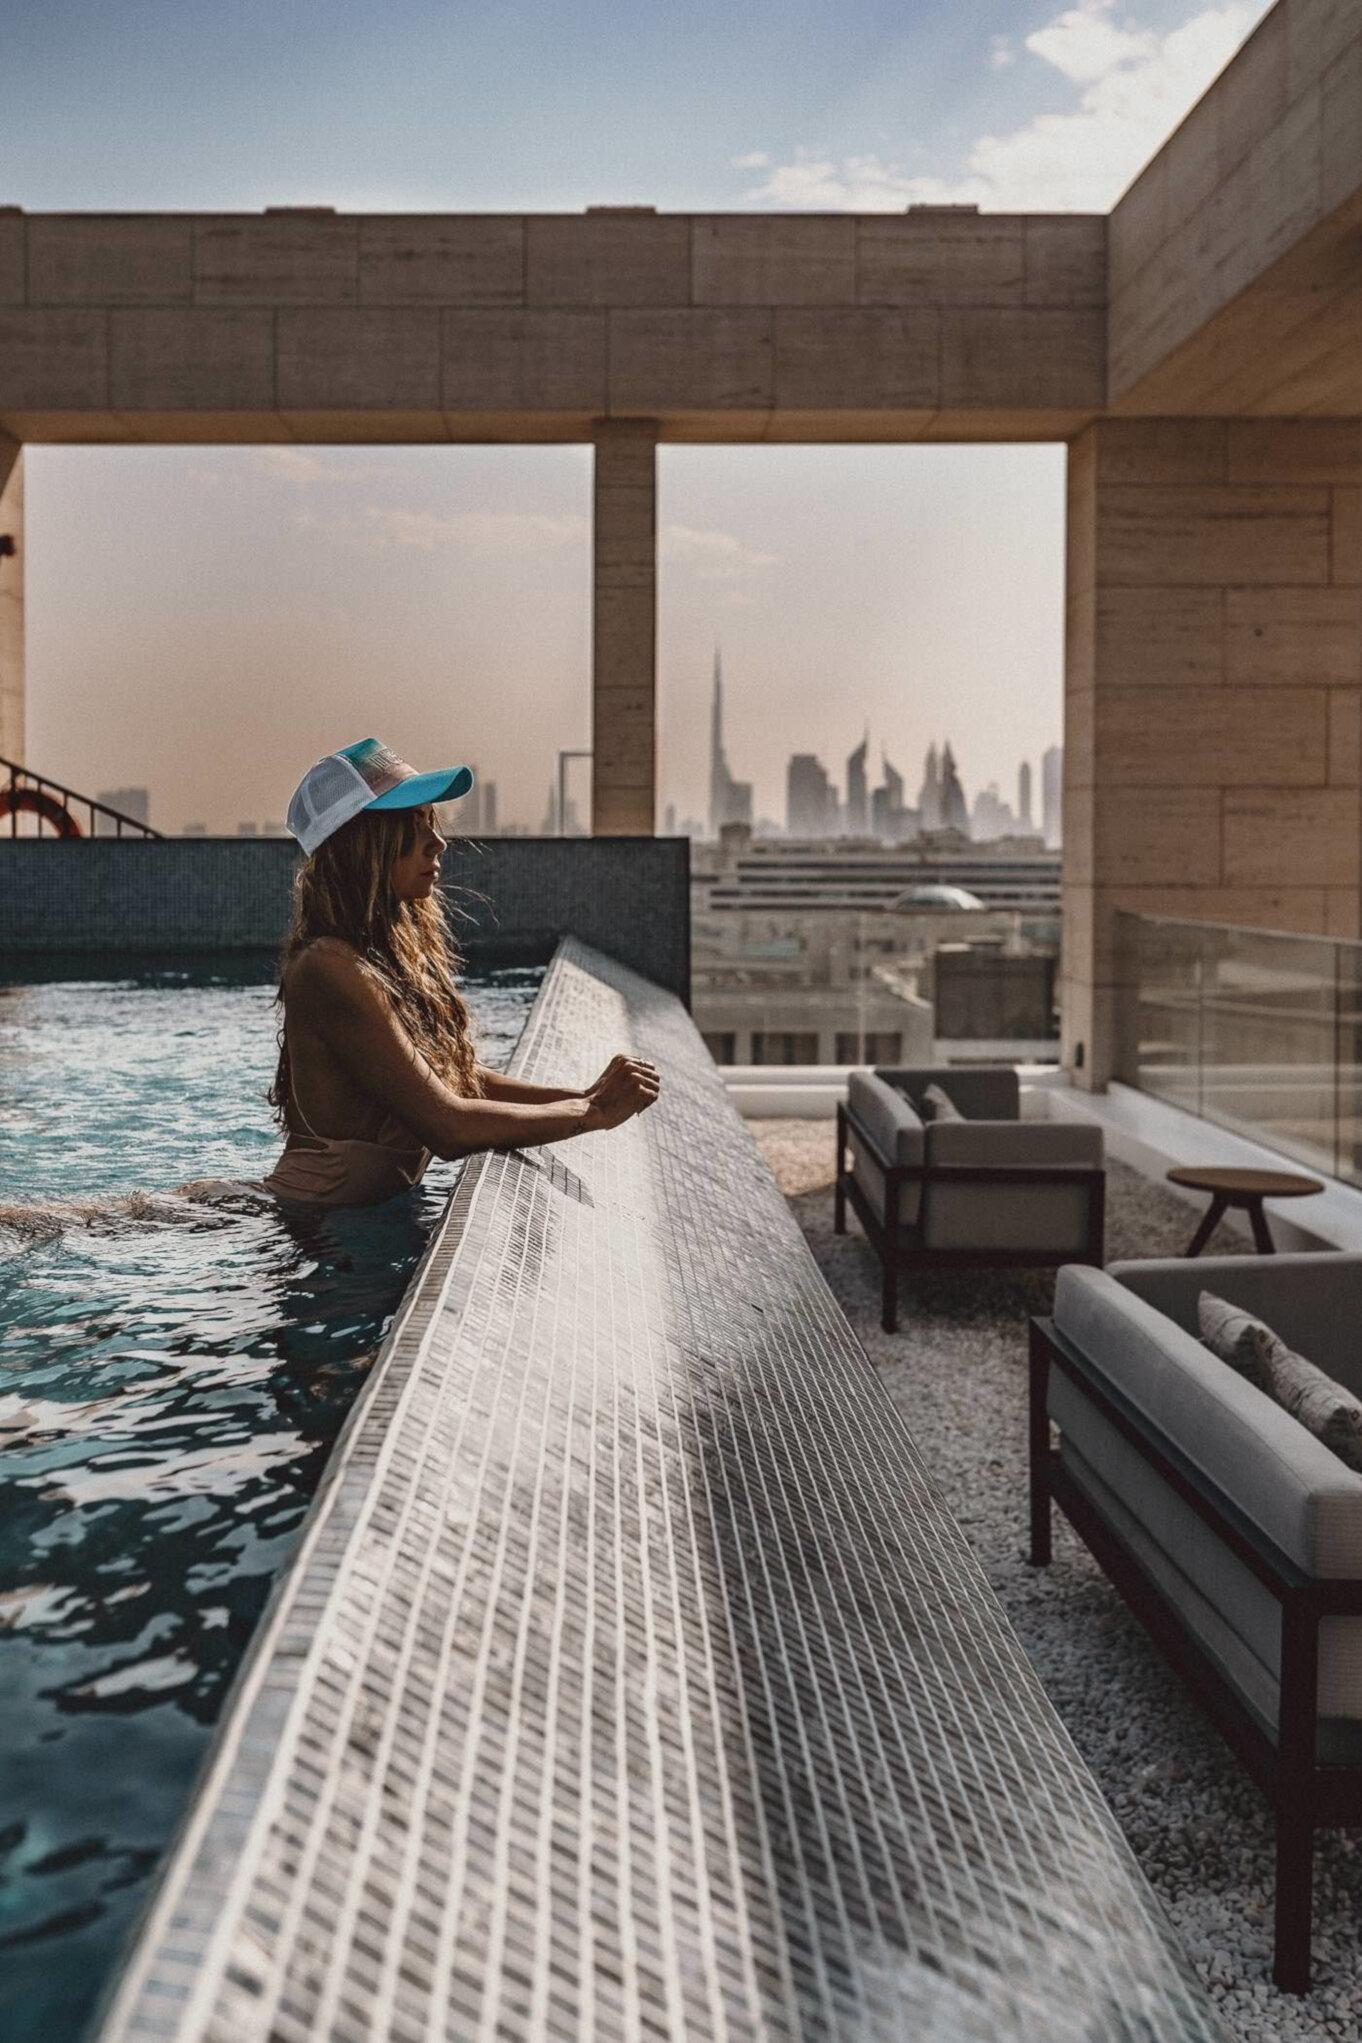 Zdjęcie w hotelowym basenie